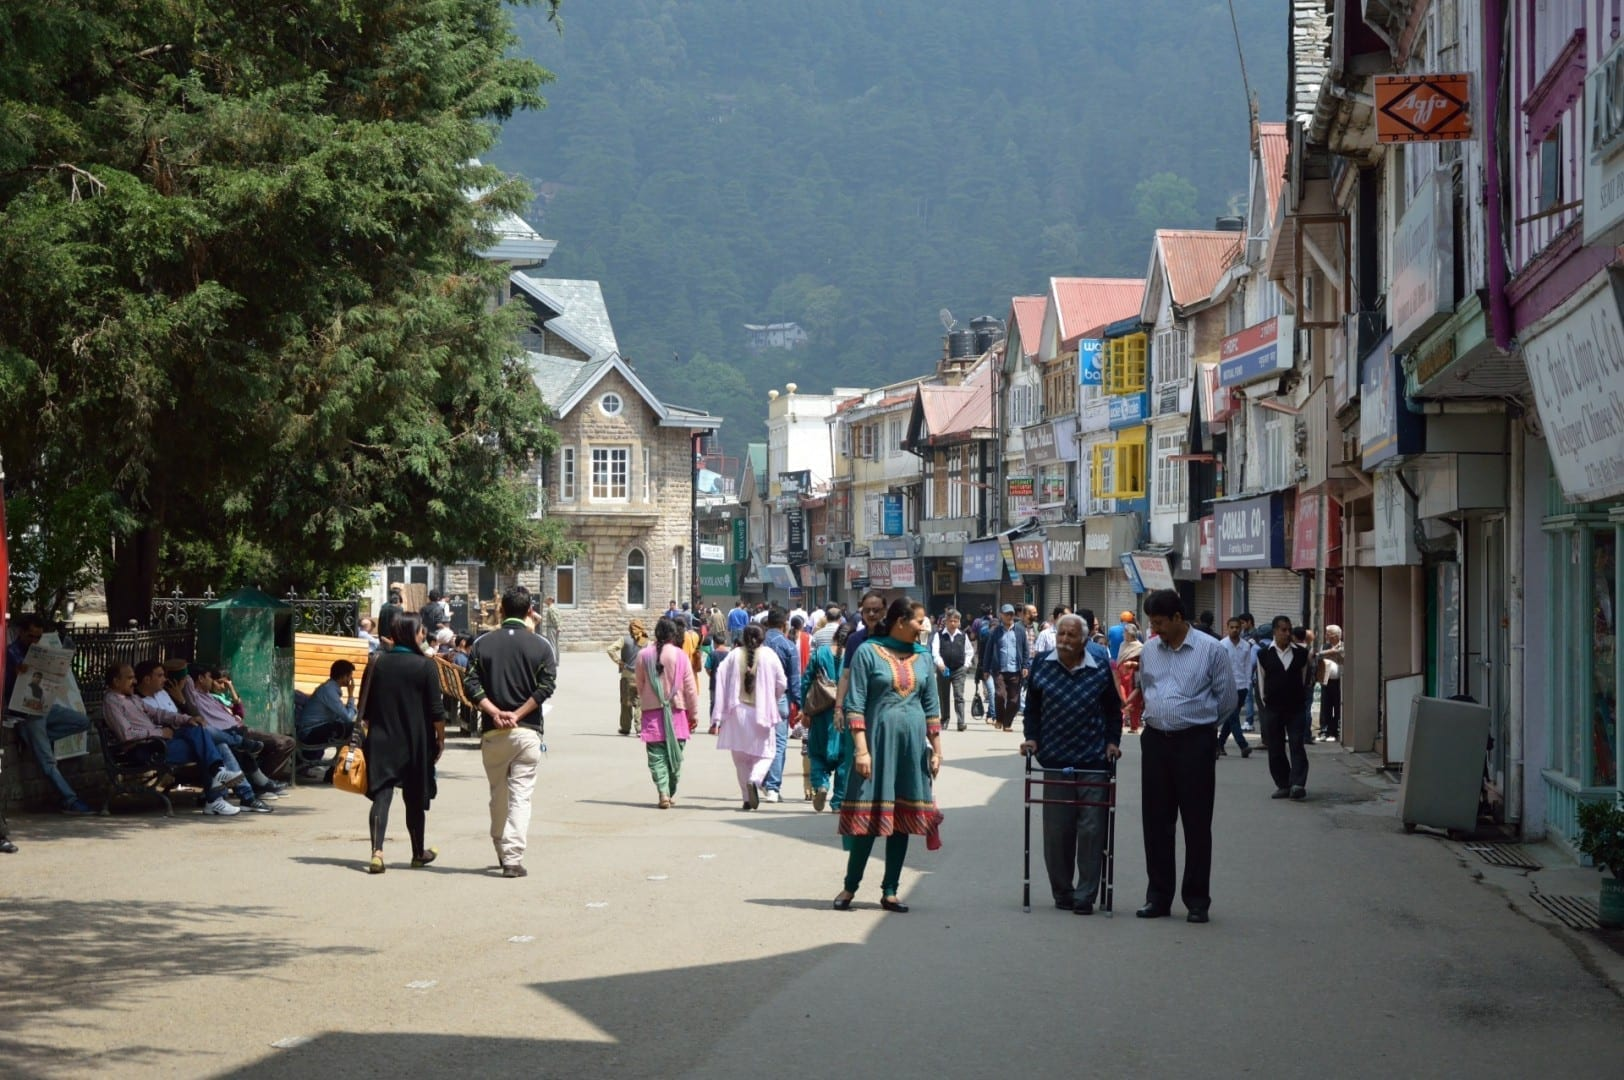 El camino del centro comercial, Shimla. Shimla India